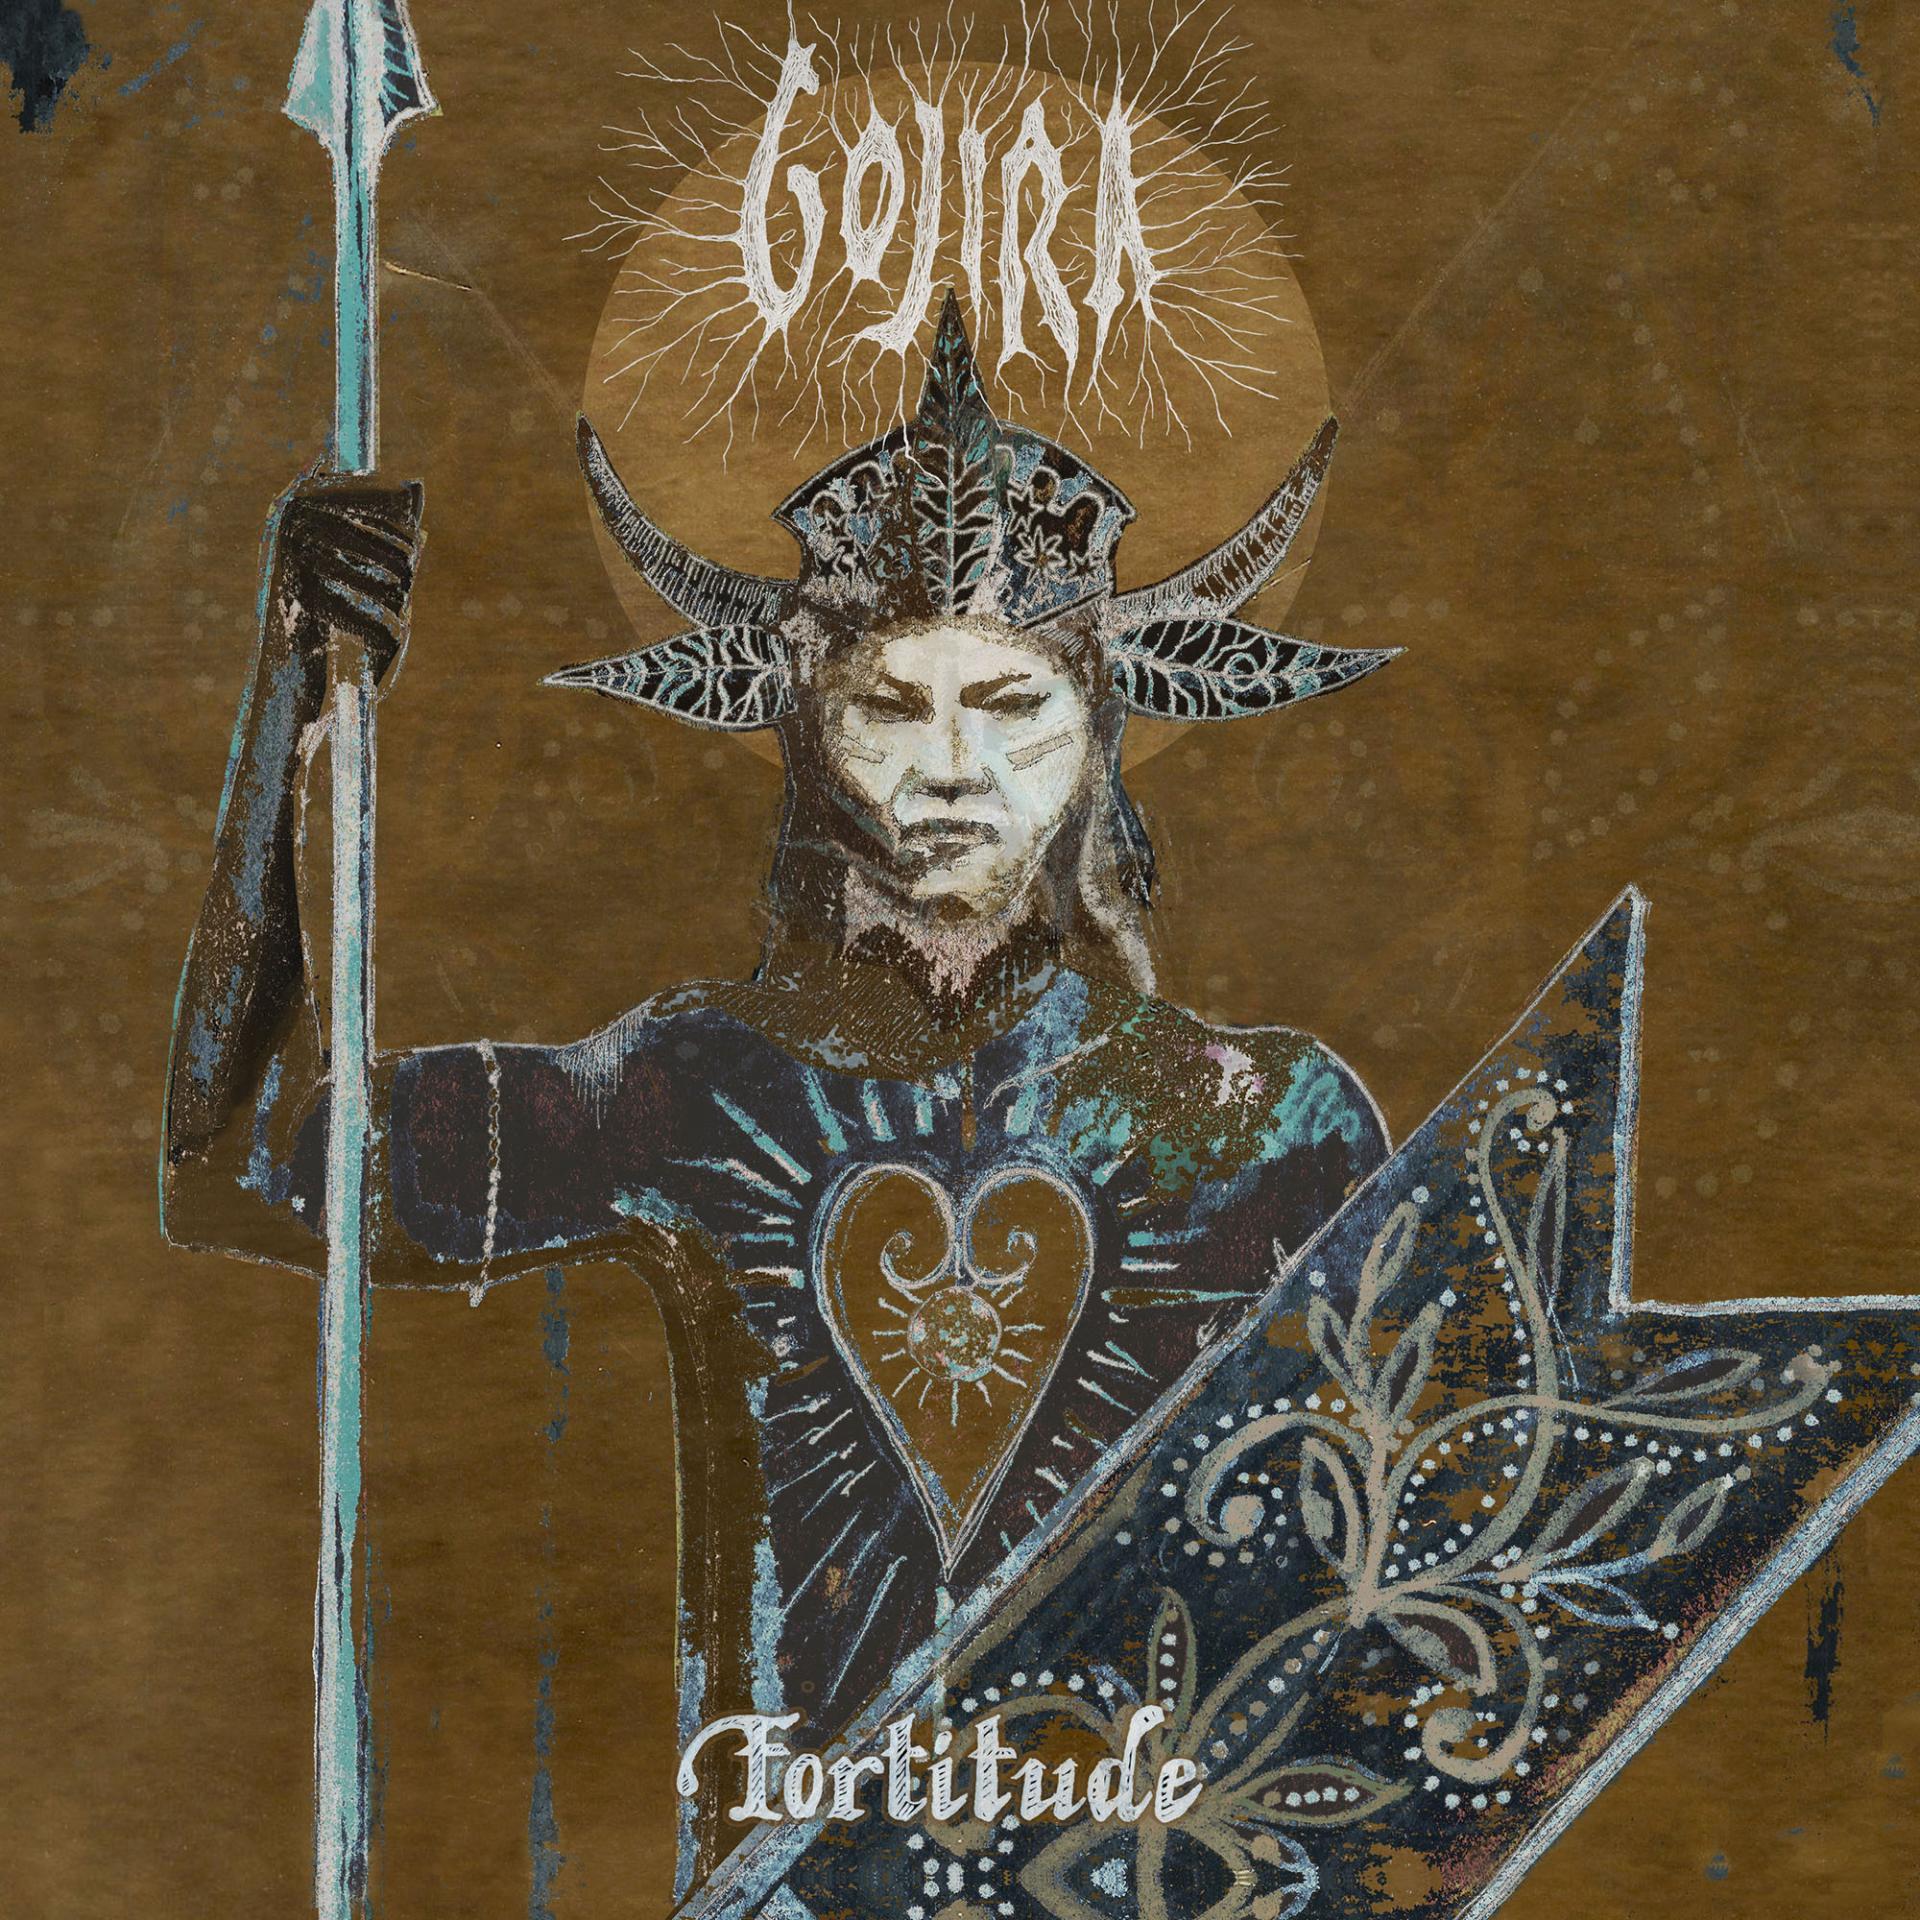 Artwork gojira fortitude